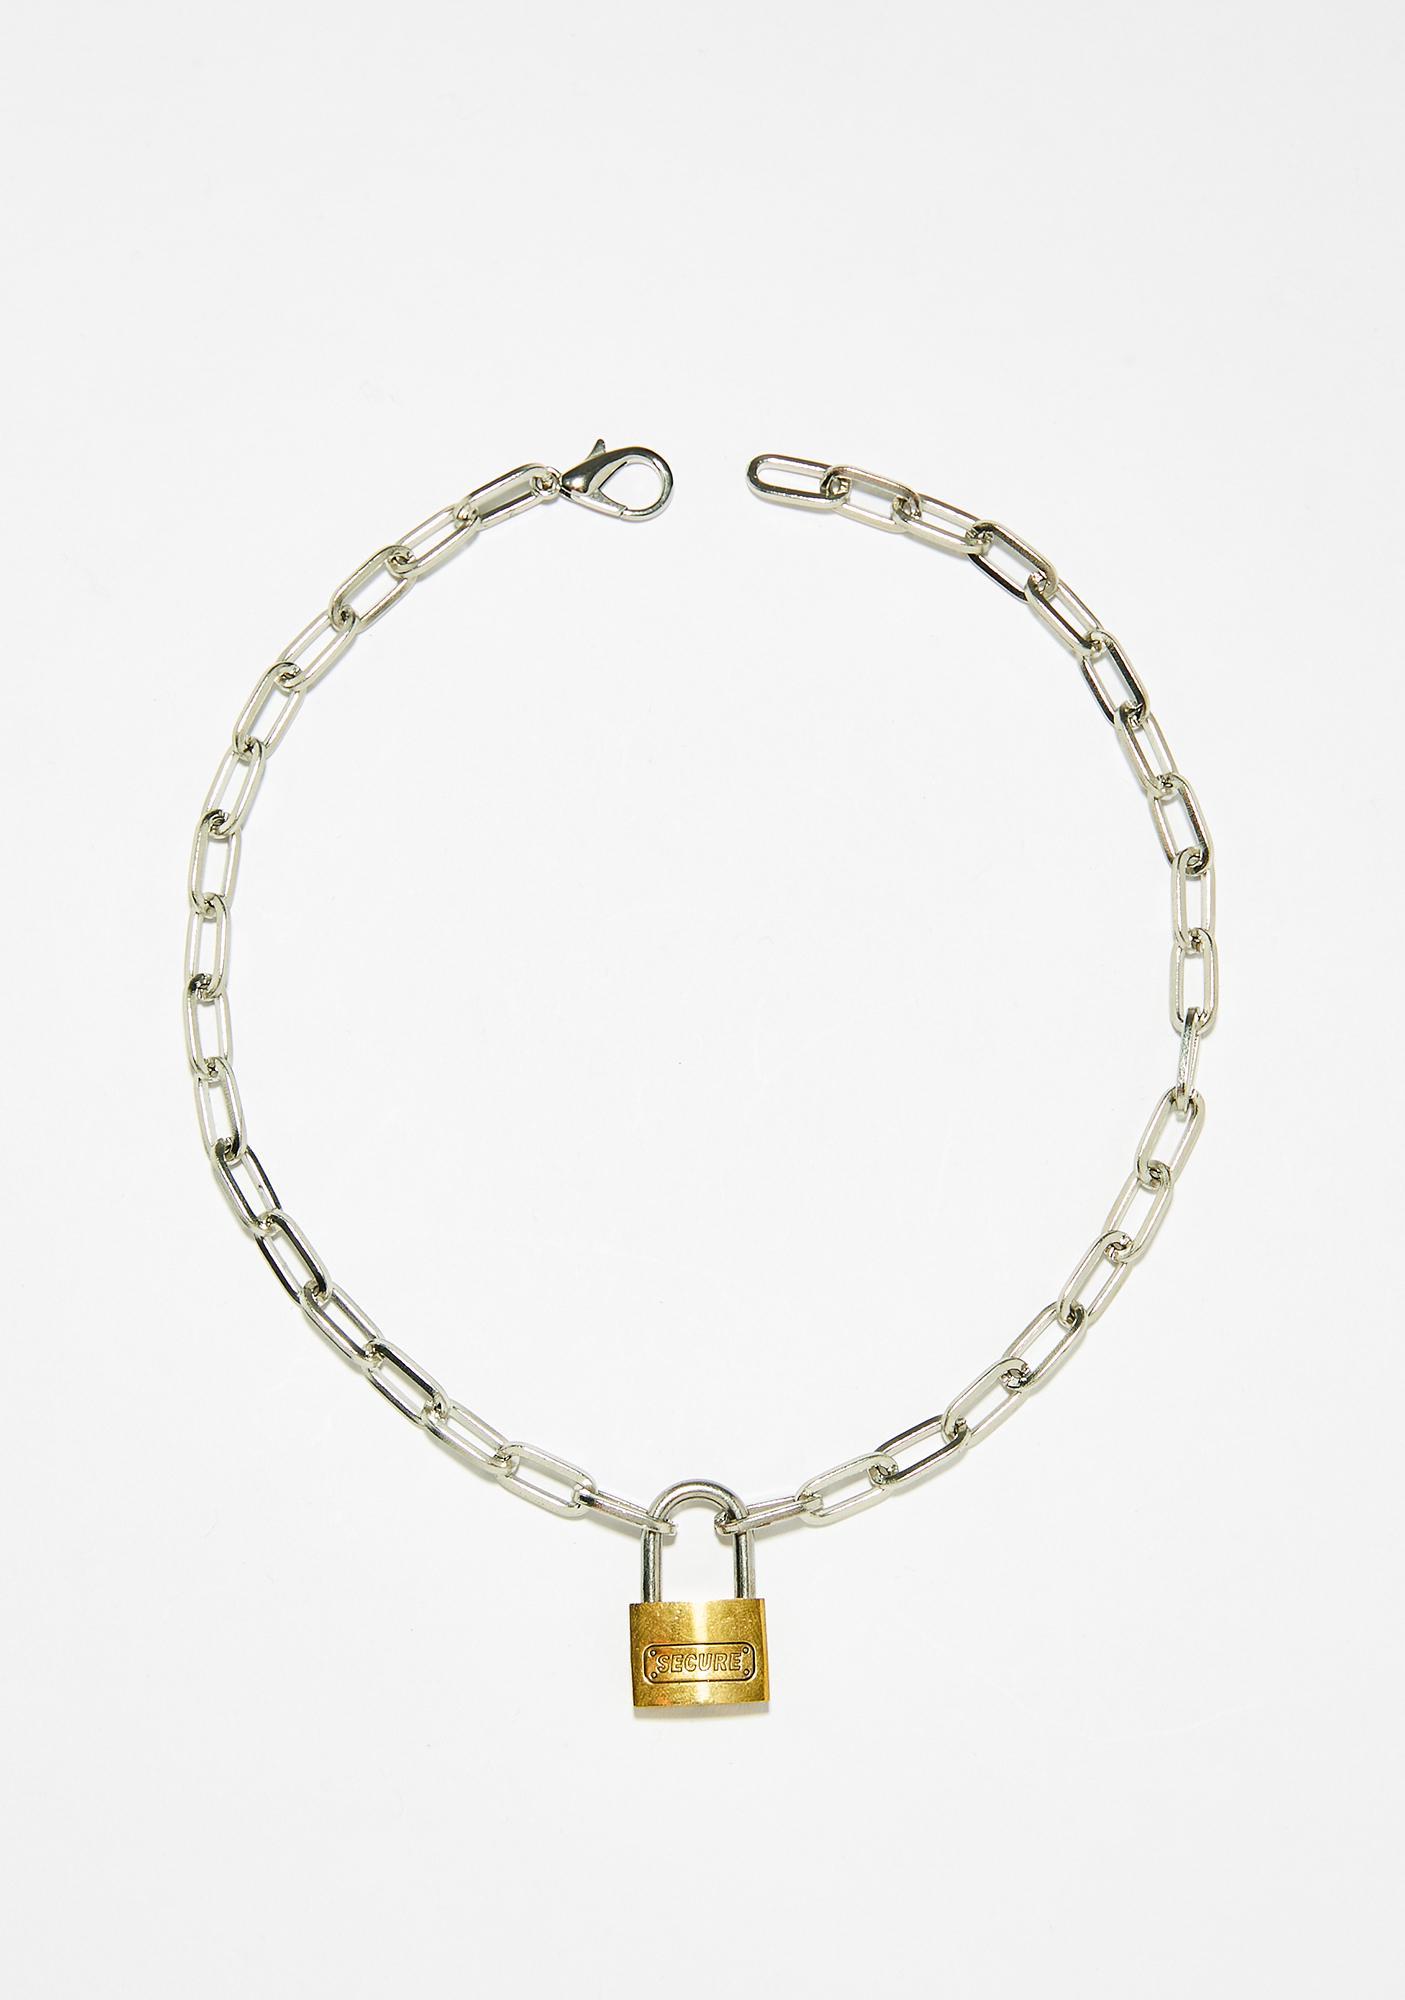 Shop Biohazard Lock Up Chain Choker